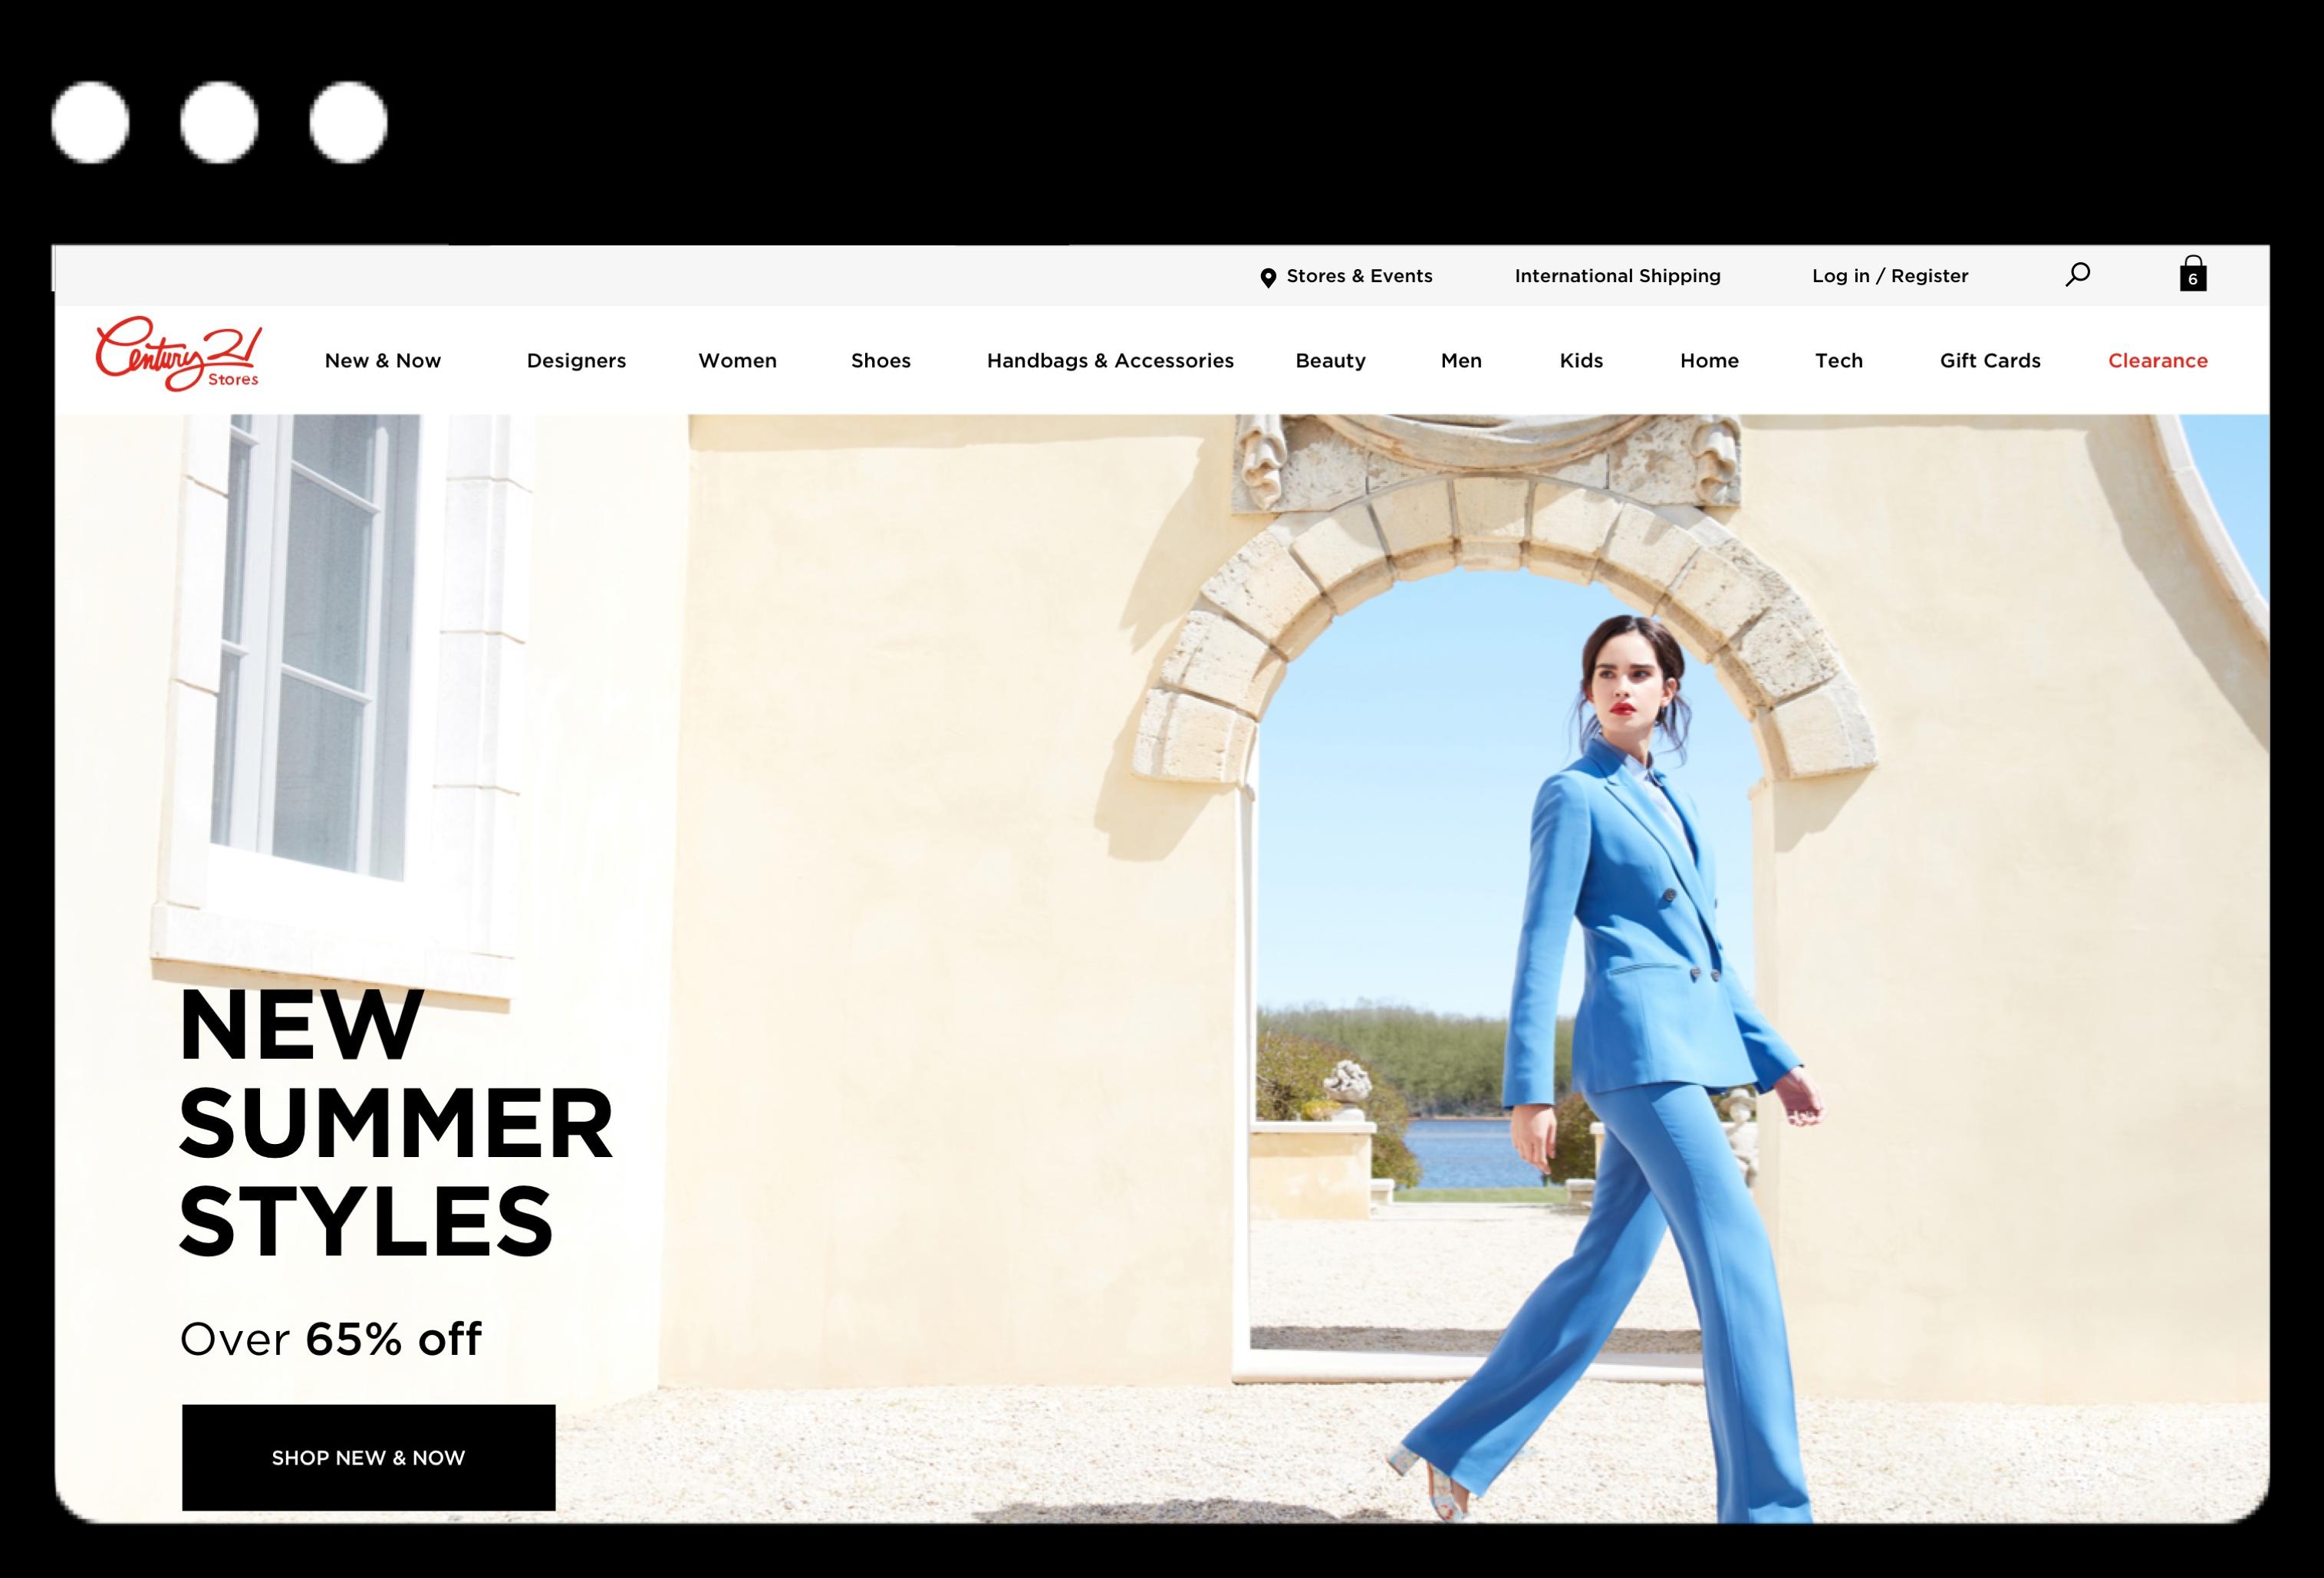 C21-homepage-img-d